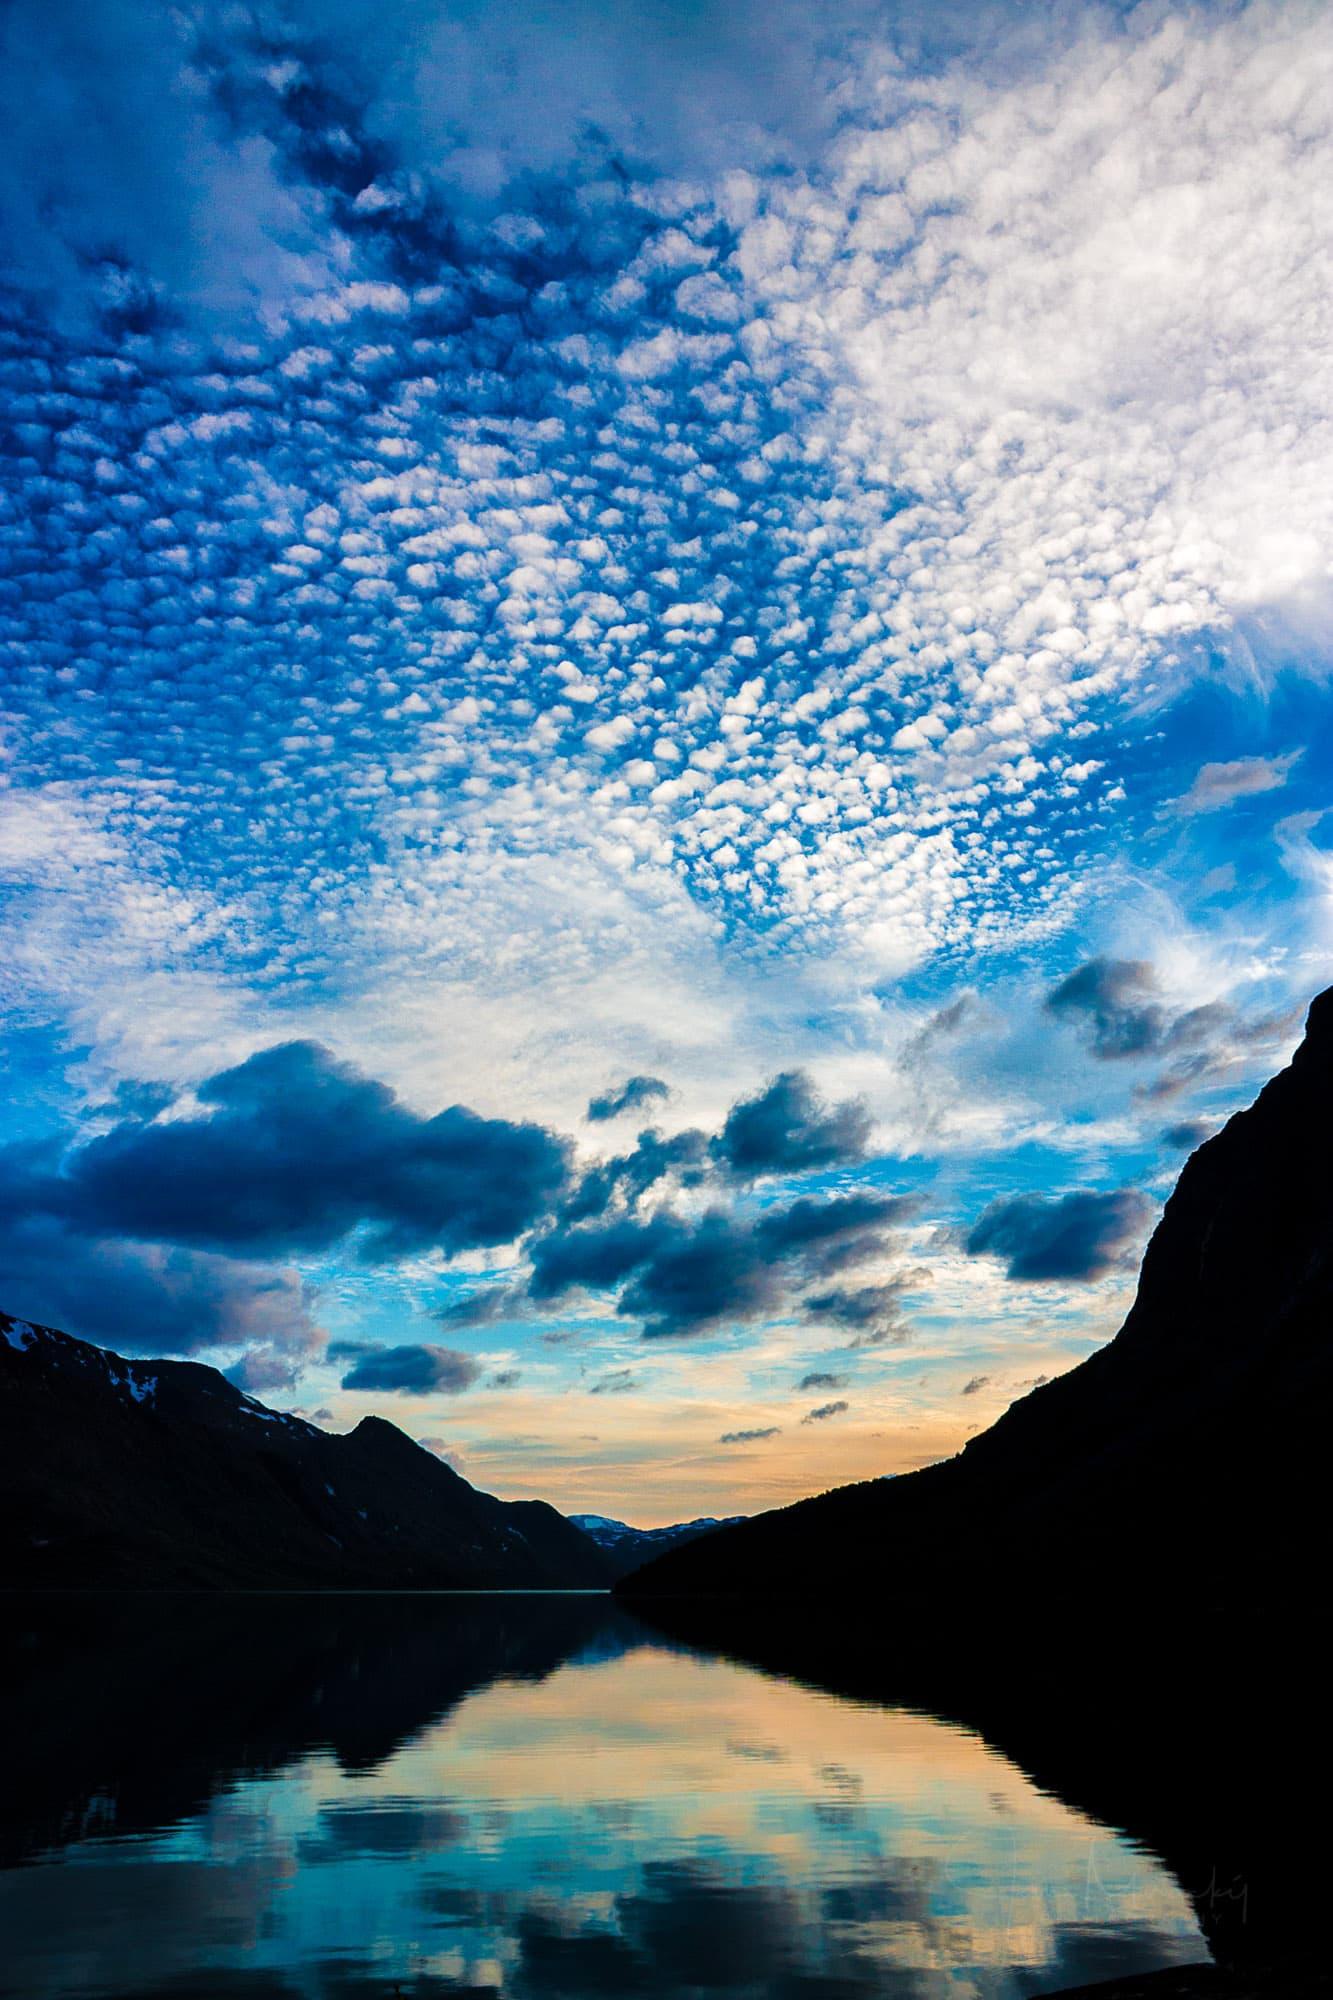 Gjende lake at sunset